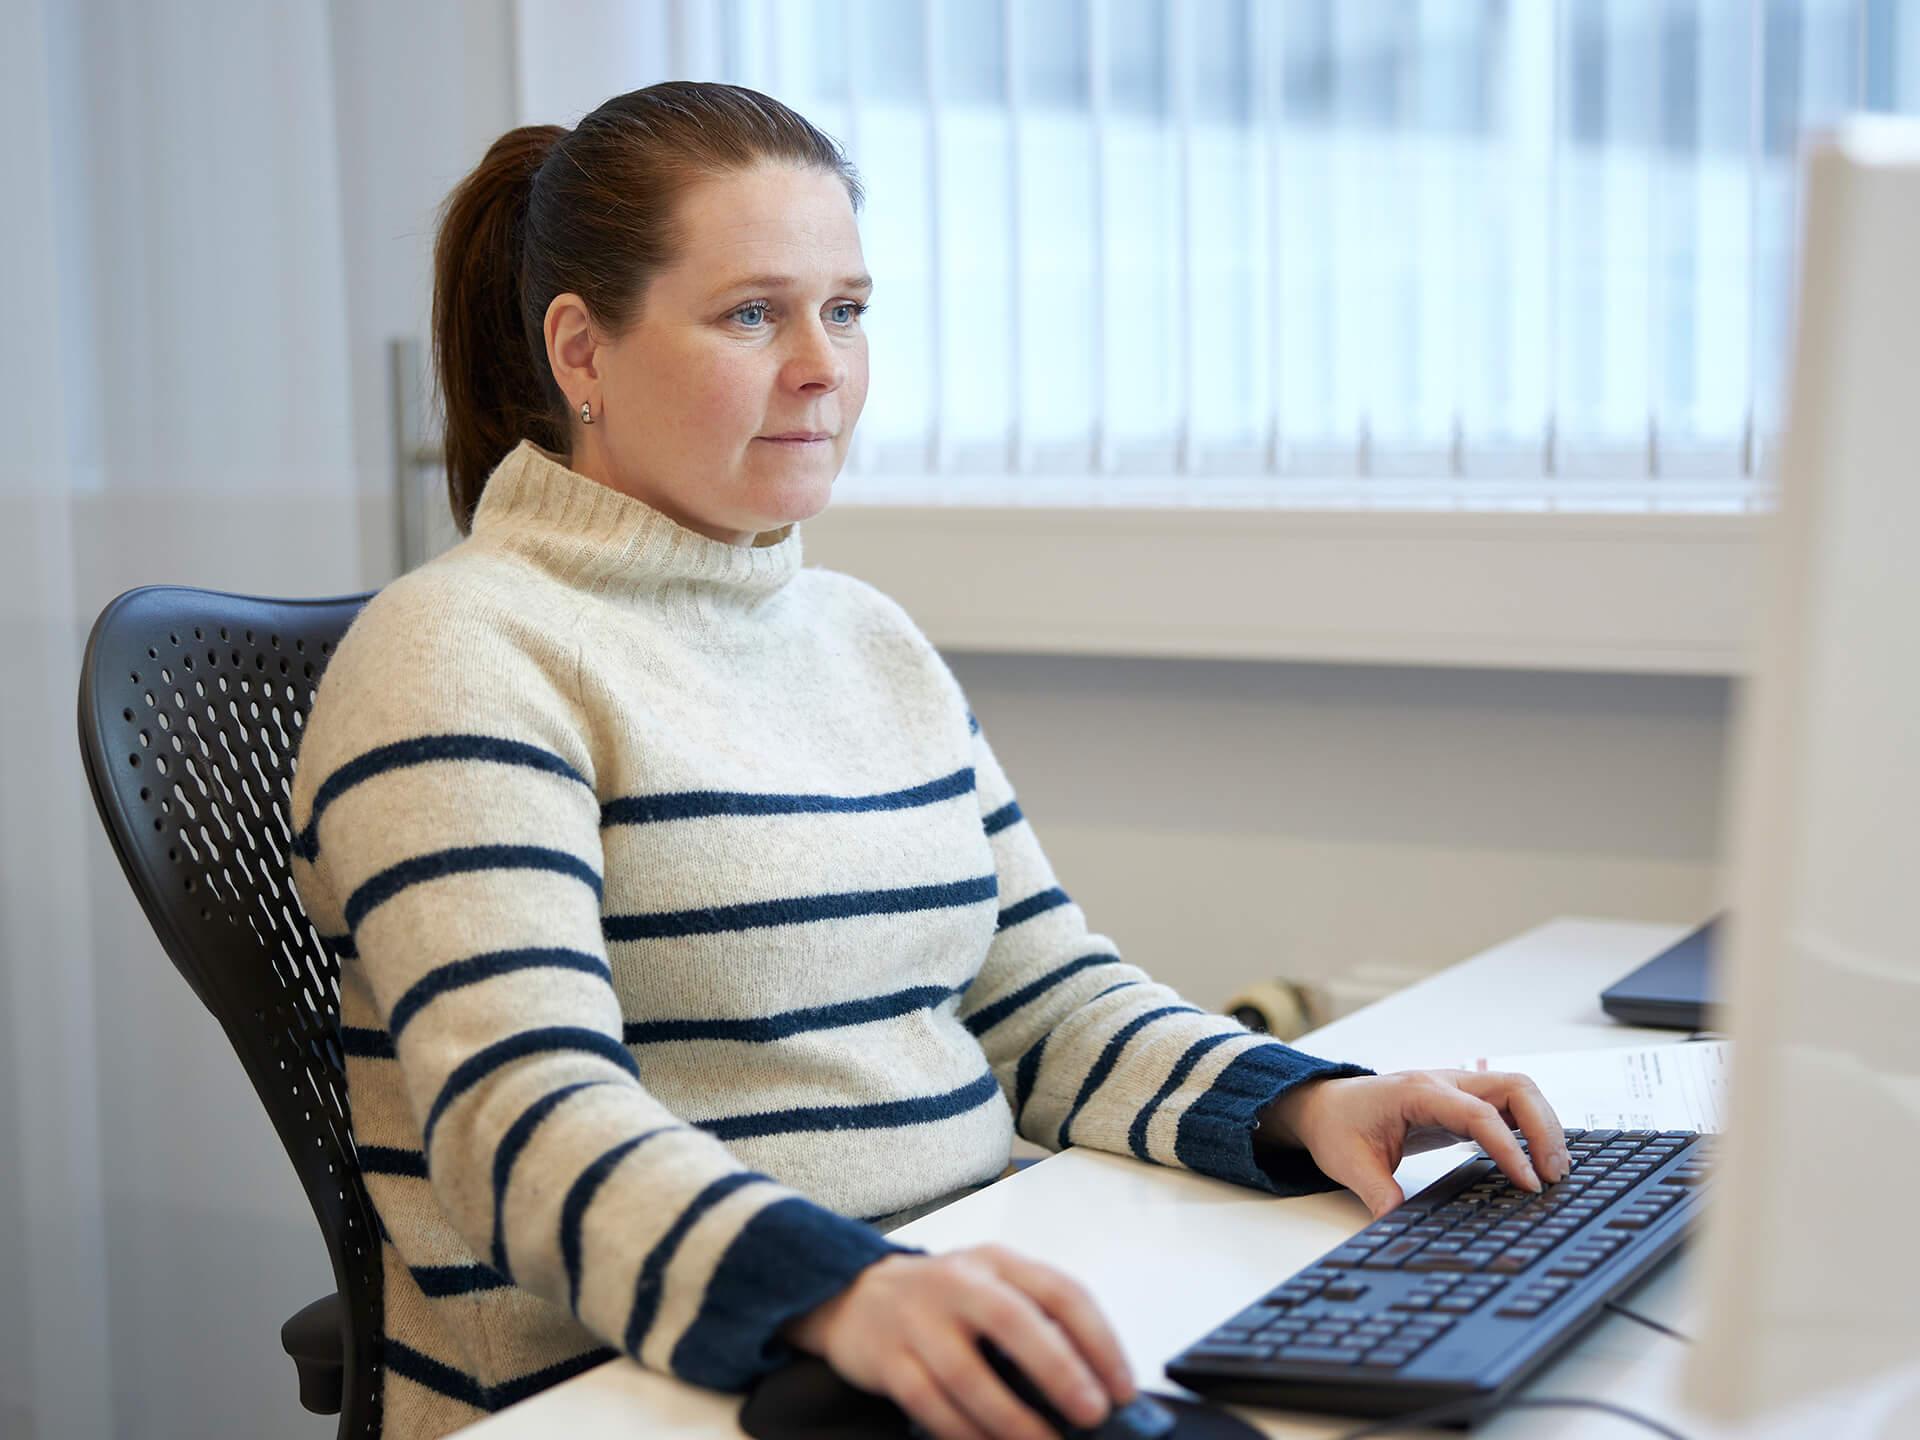 Berglind Bragadóttir